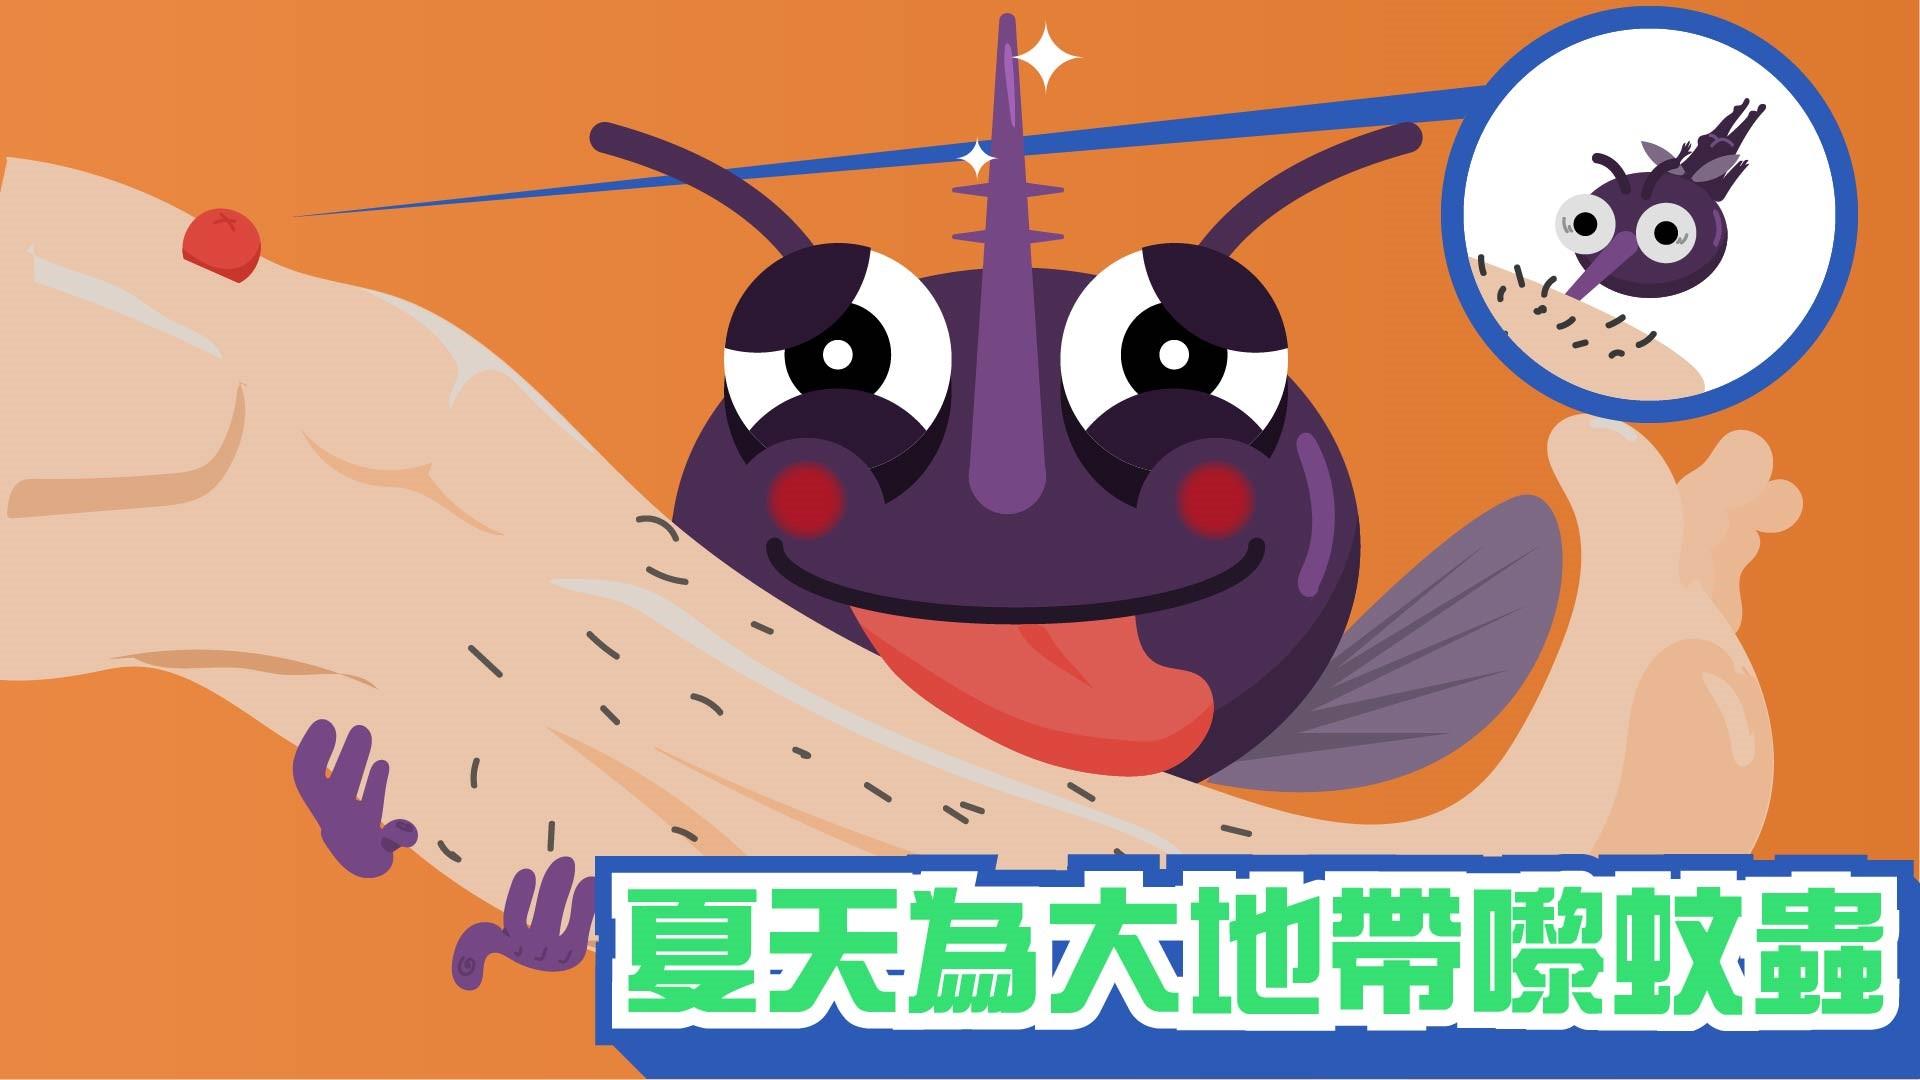 【夏天為大地帶嚟蚊蟲 !】全方位防蚊秘笈